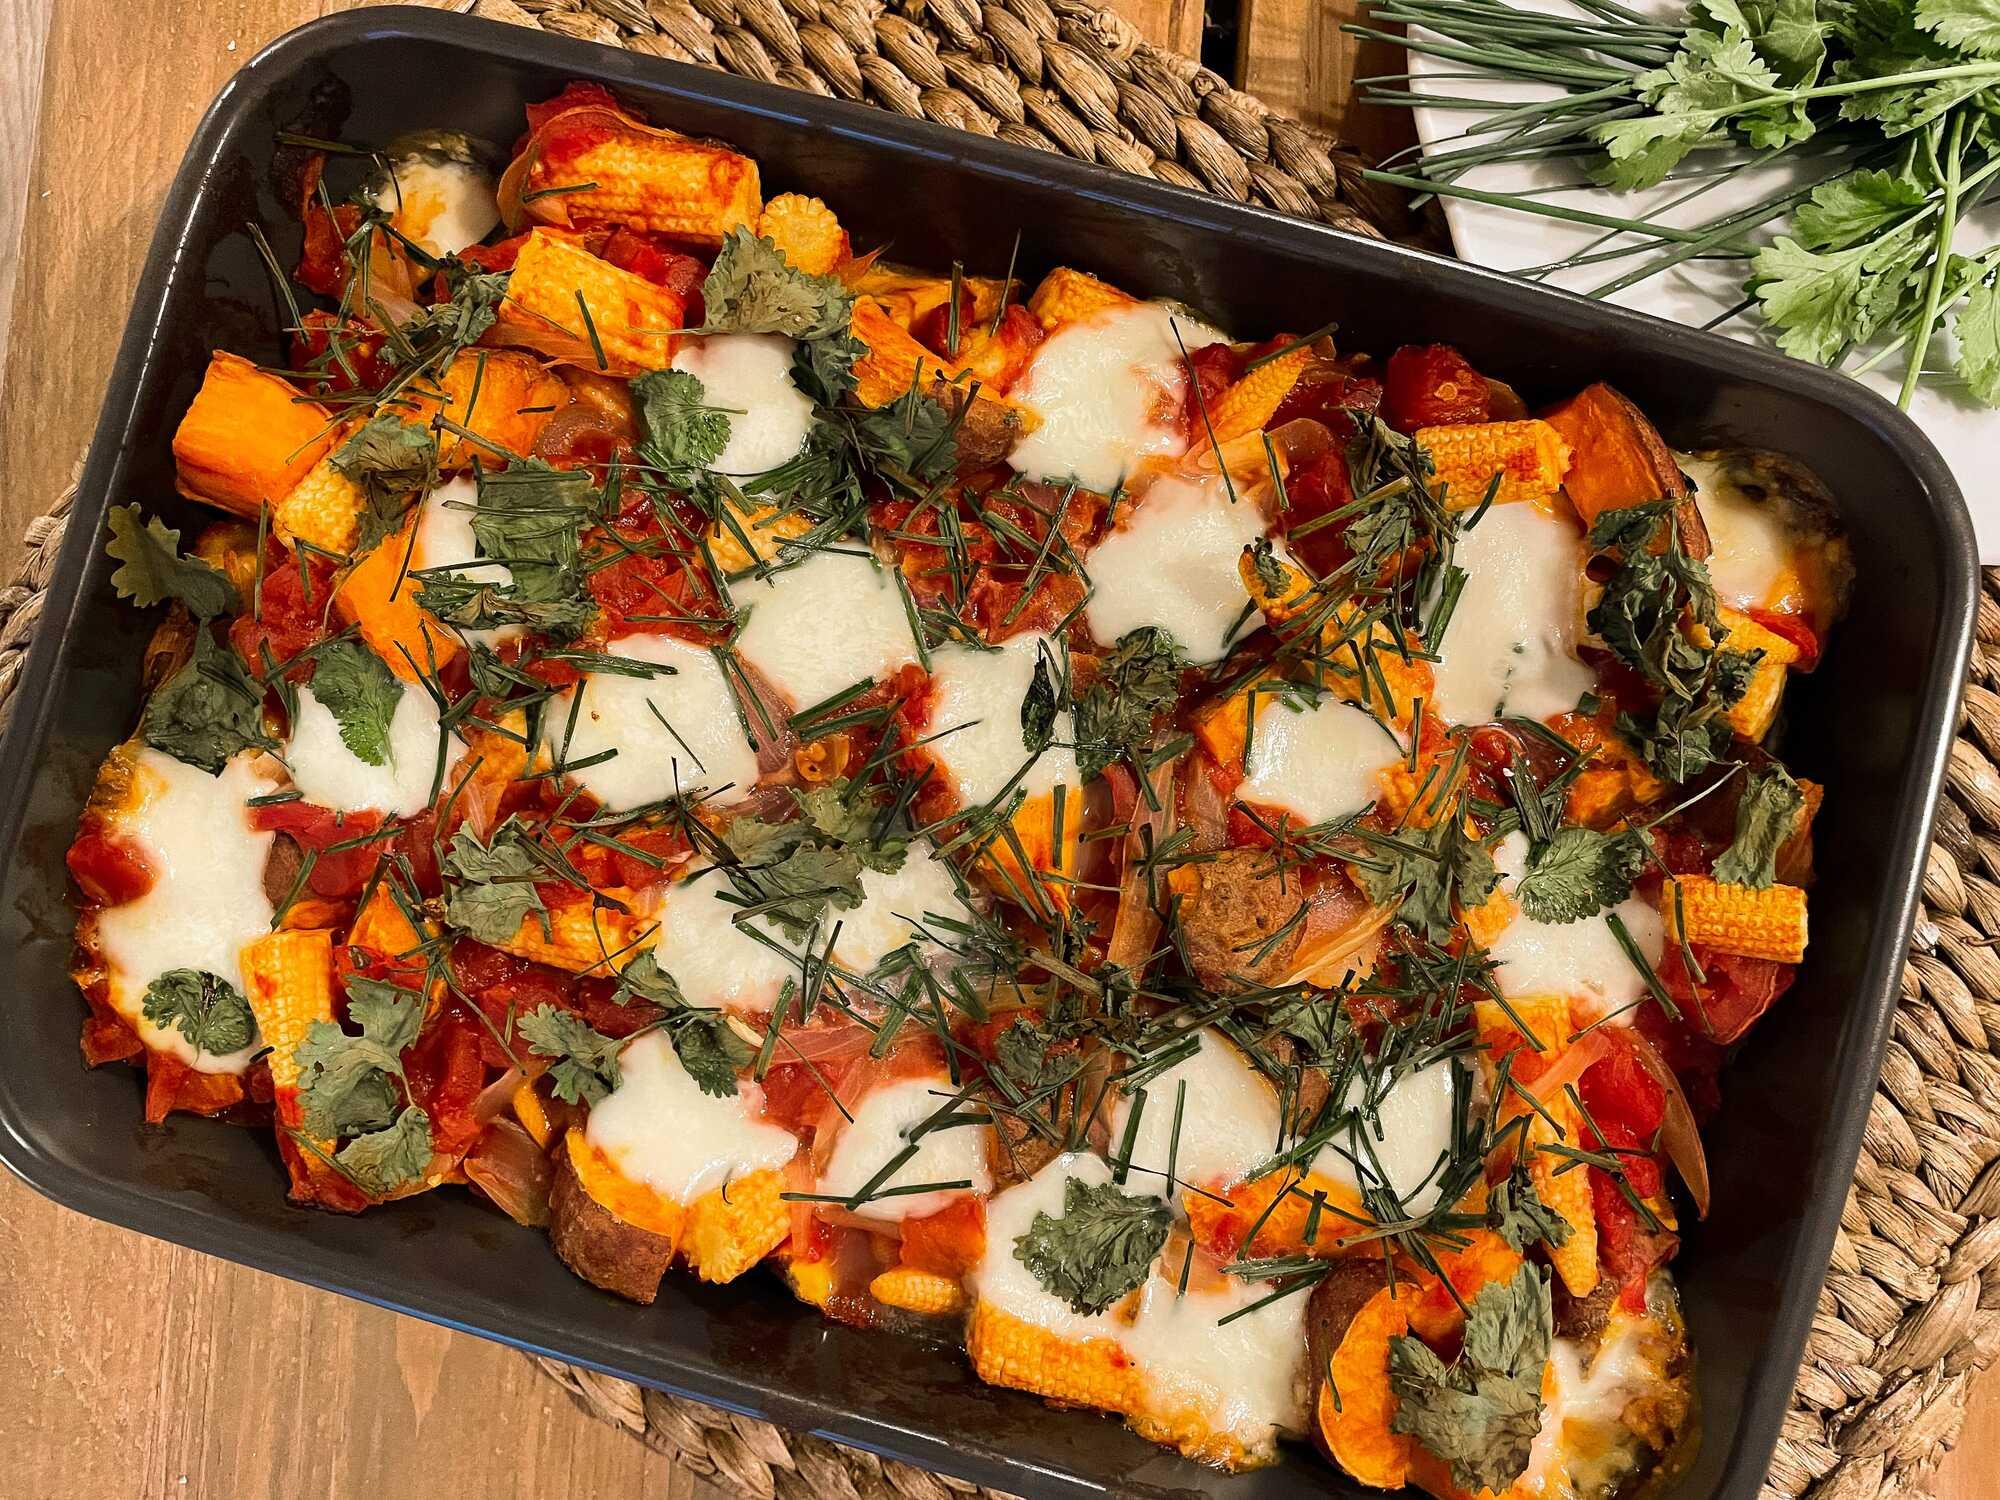 La recette de patates douces rôties aux boulettes de boeuf est exposée dans un plat à gratin avec quelques herbes aromatiques pour la décoration.